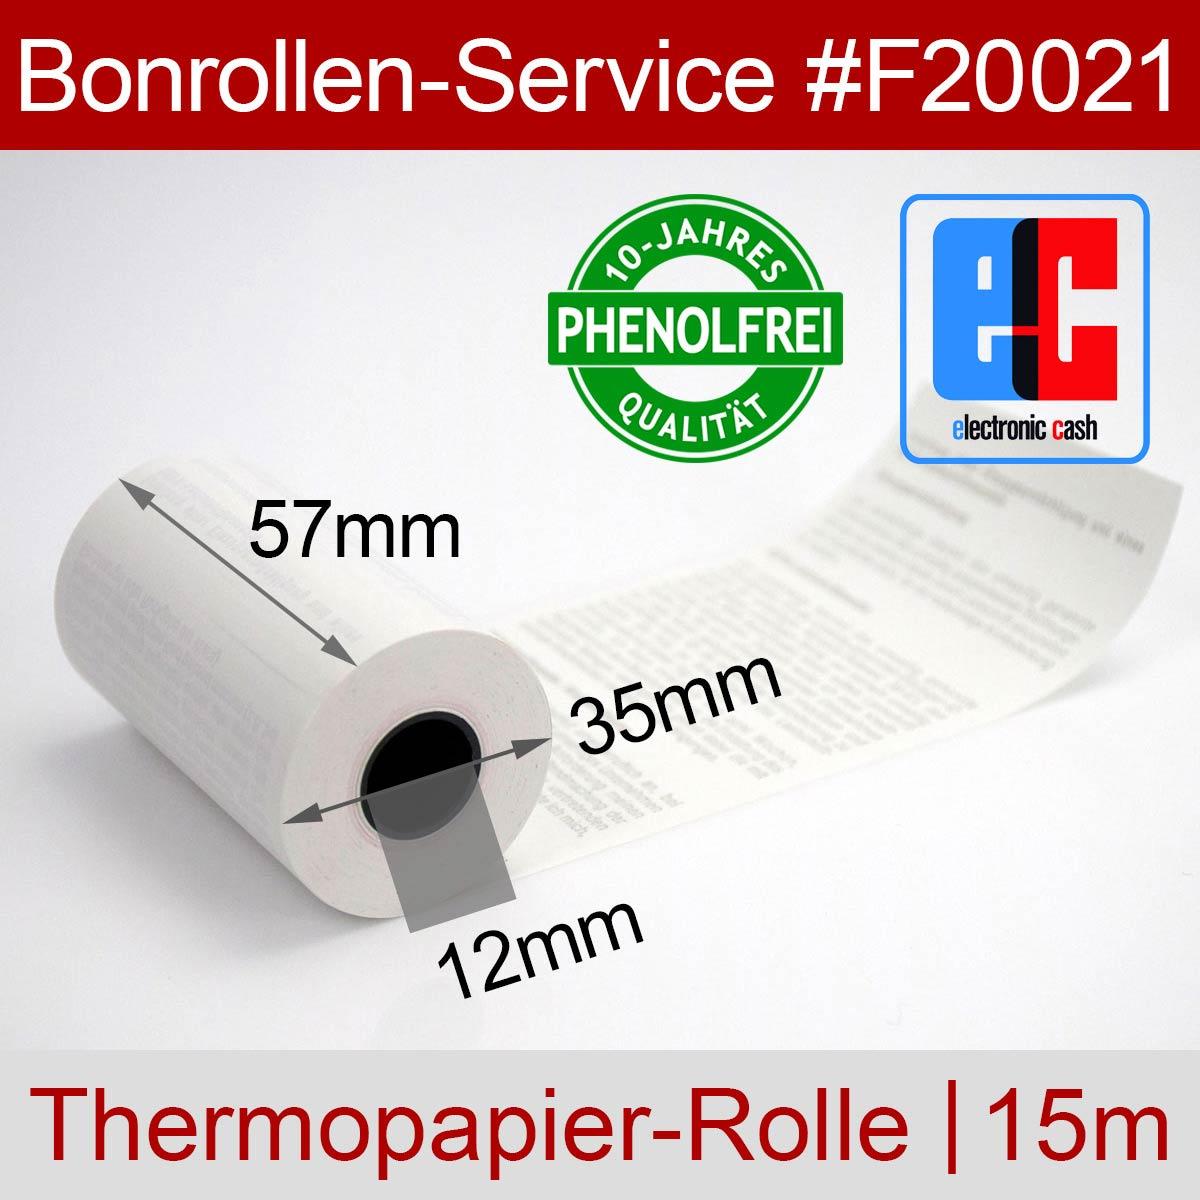 Kurze EC-Thermorollen 57 / 15m / 12 weiß mit SEPA-Text (10-Jahres-Qualität, phenolfrei) - Detailansicht